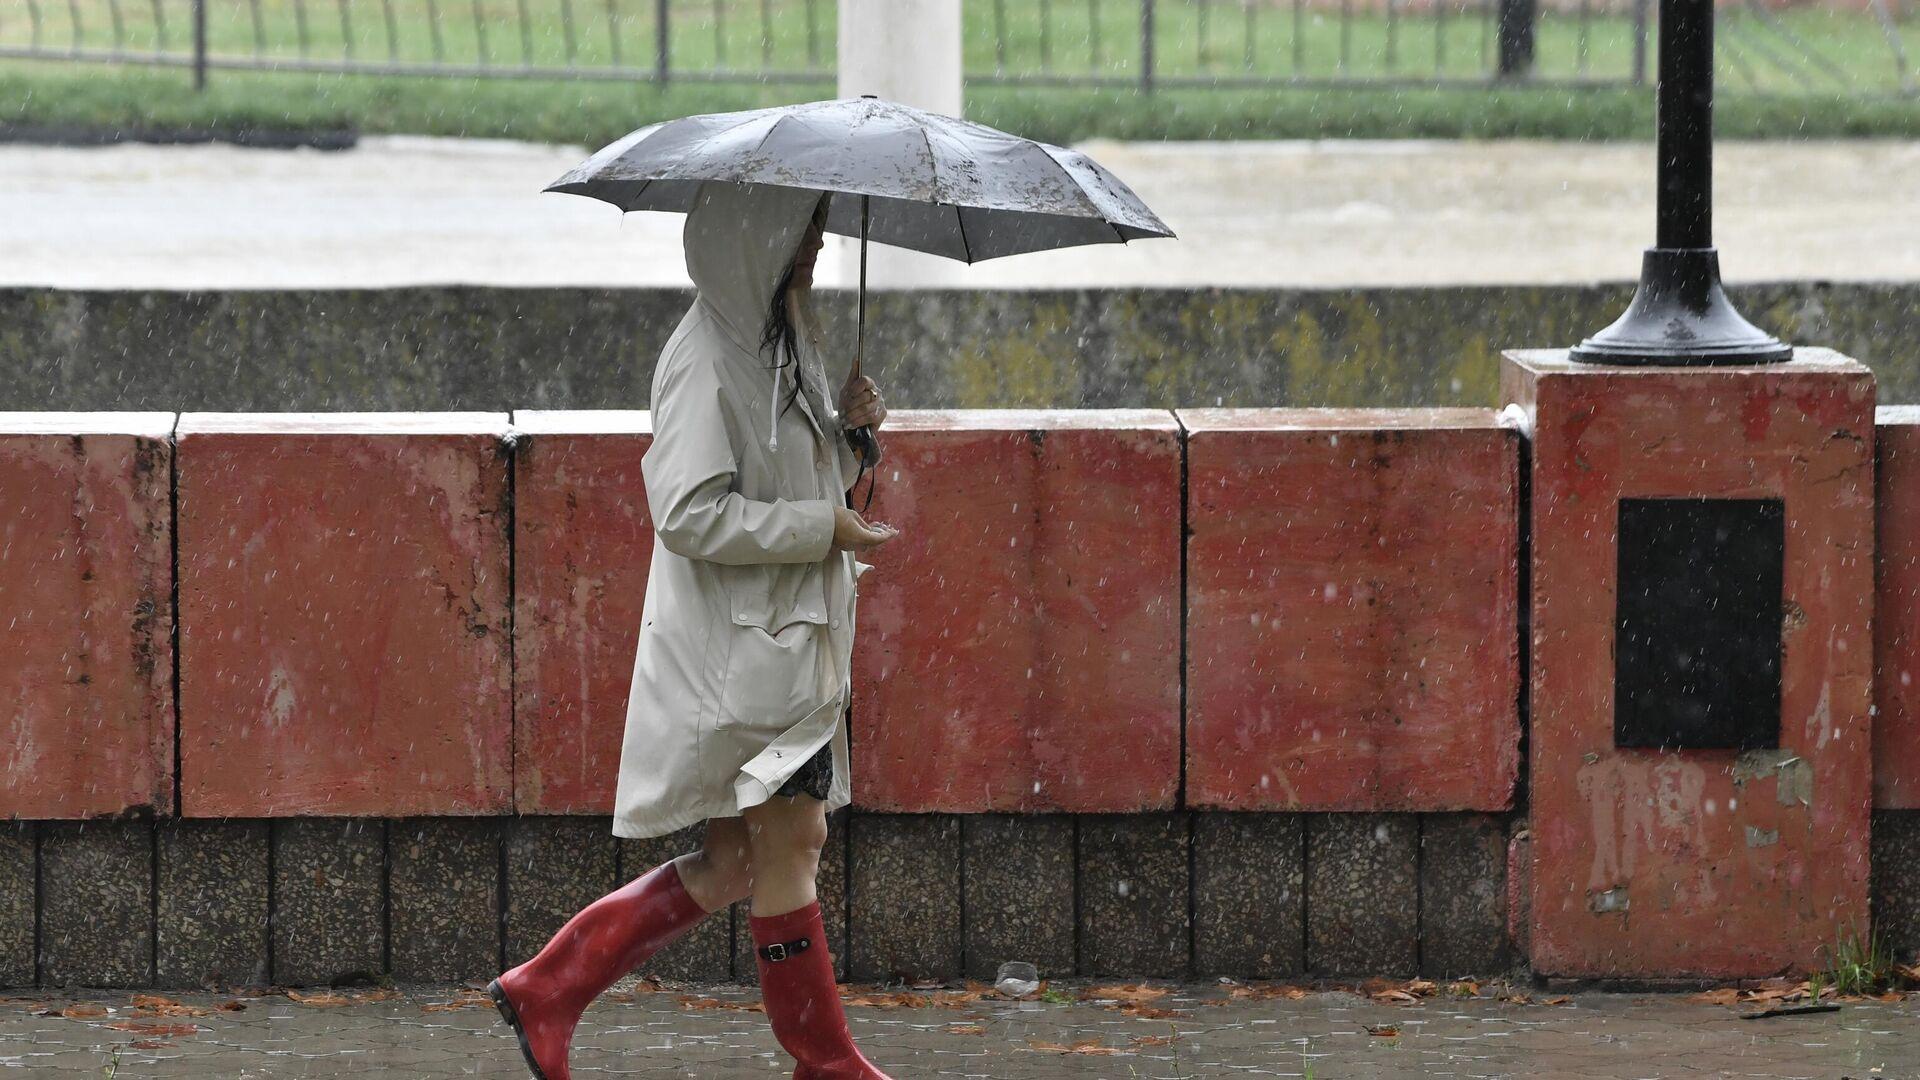 Женщина под зонтом на улице в Керчи - РИА Новости, 1920, 15.09.2021